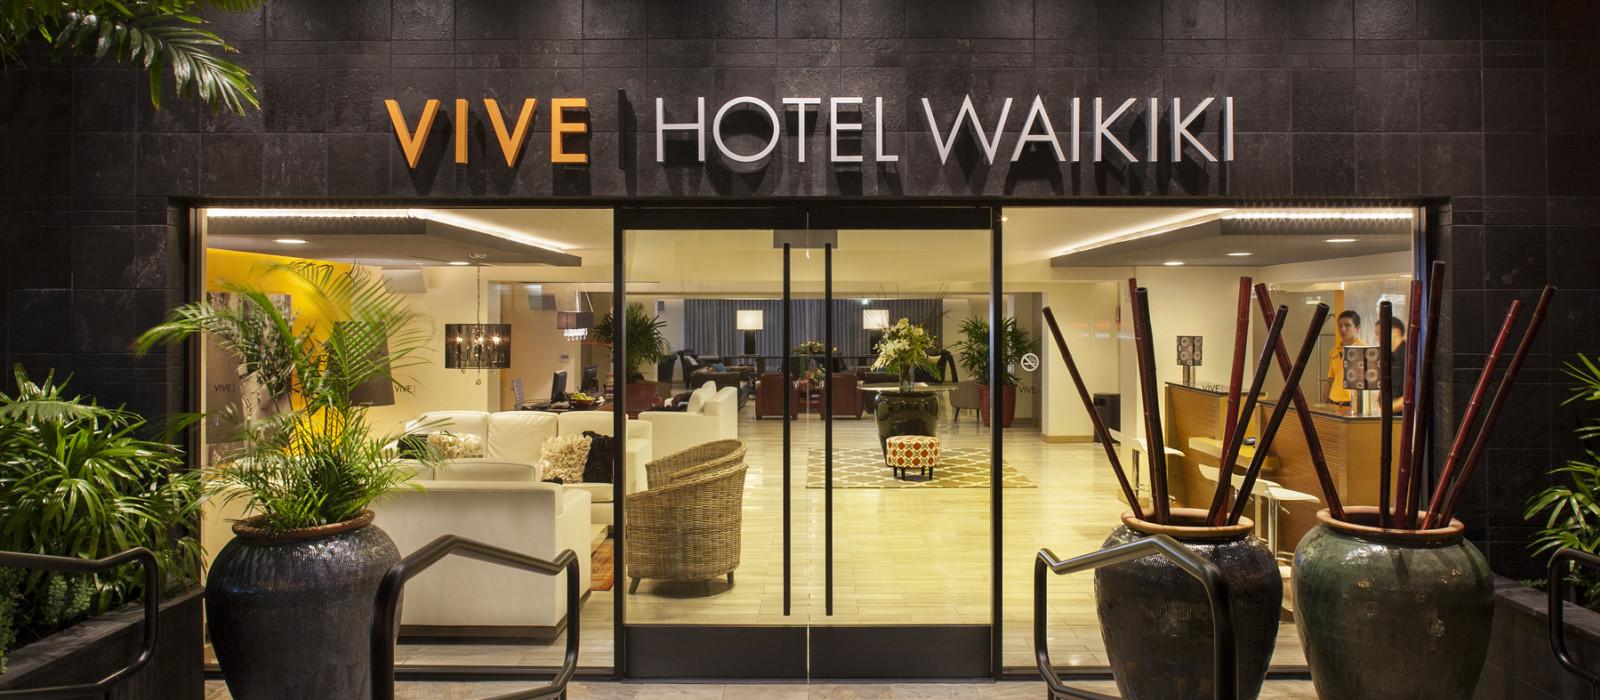 Hotel Vive  Waikiki Hawaii